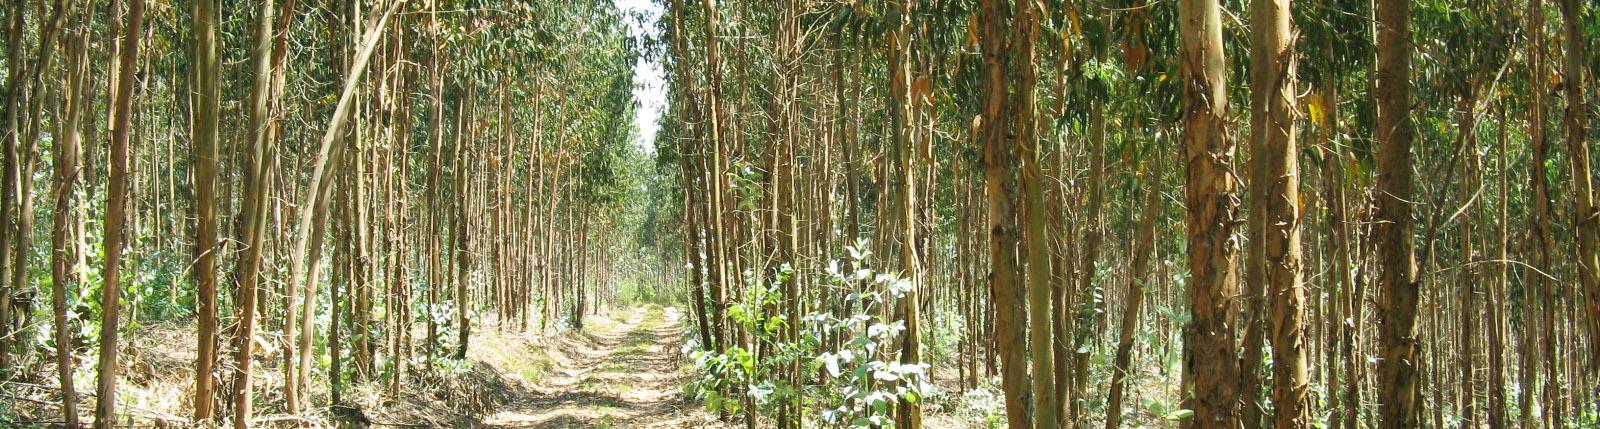 Caminhos transitáveis, floresta verde e pessoas seguras.